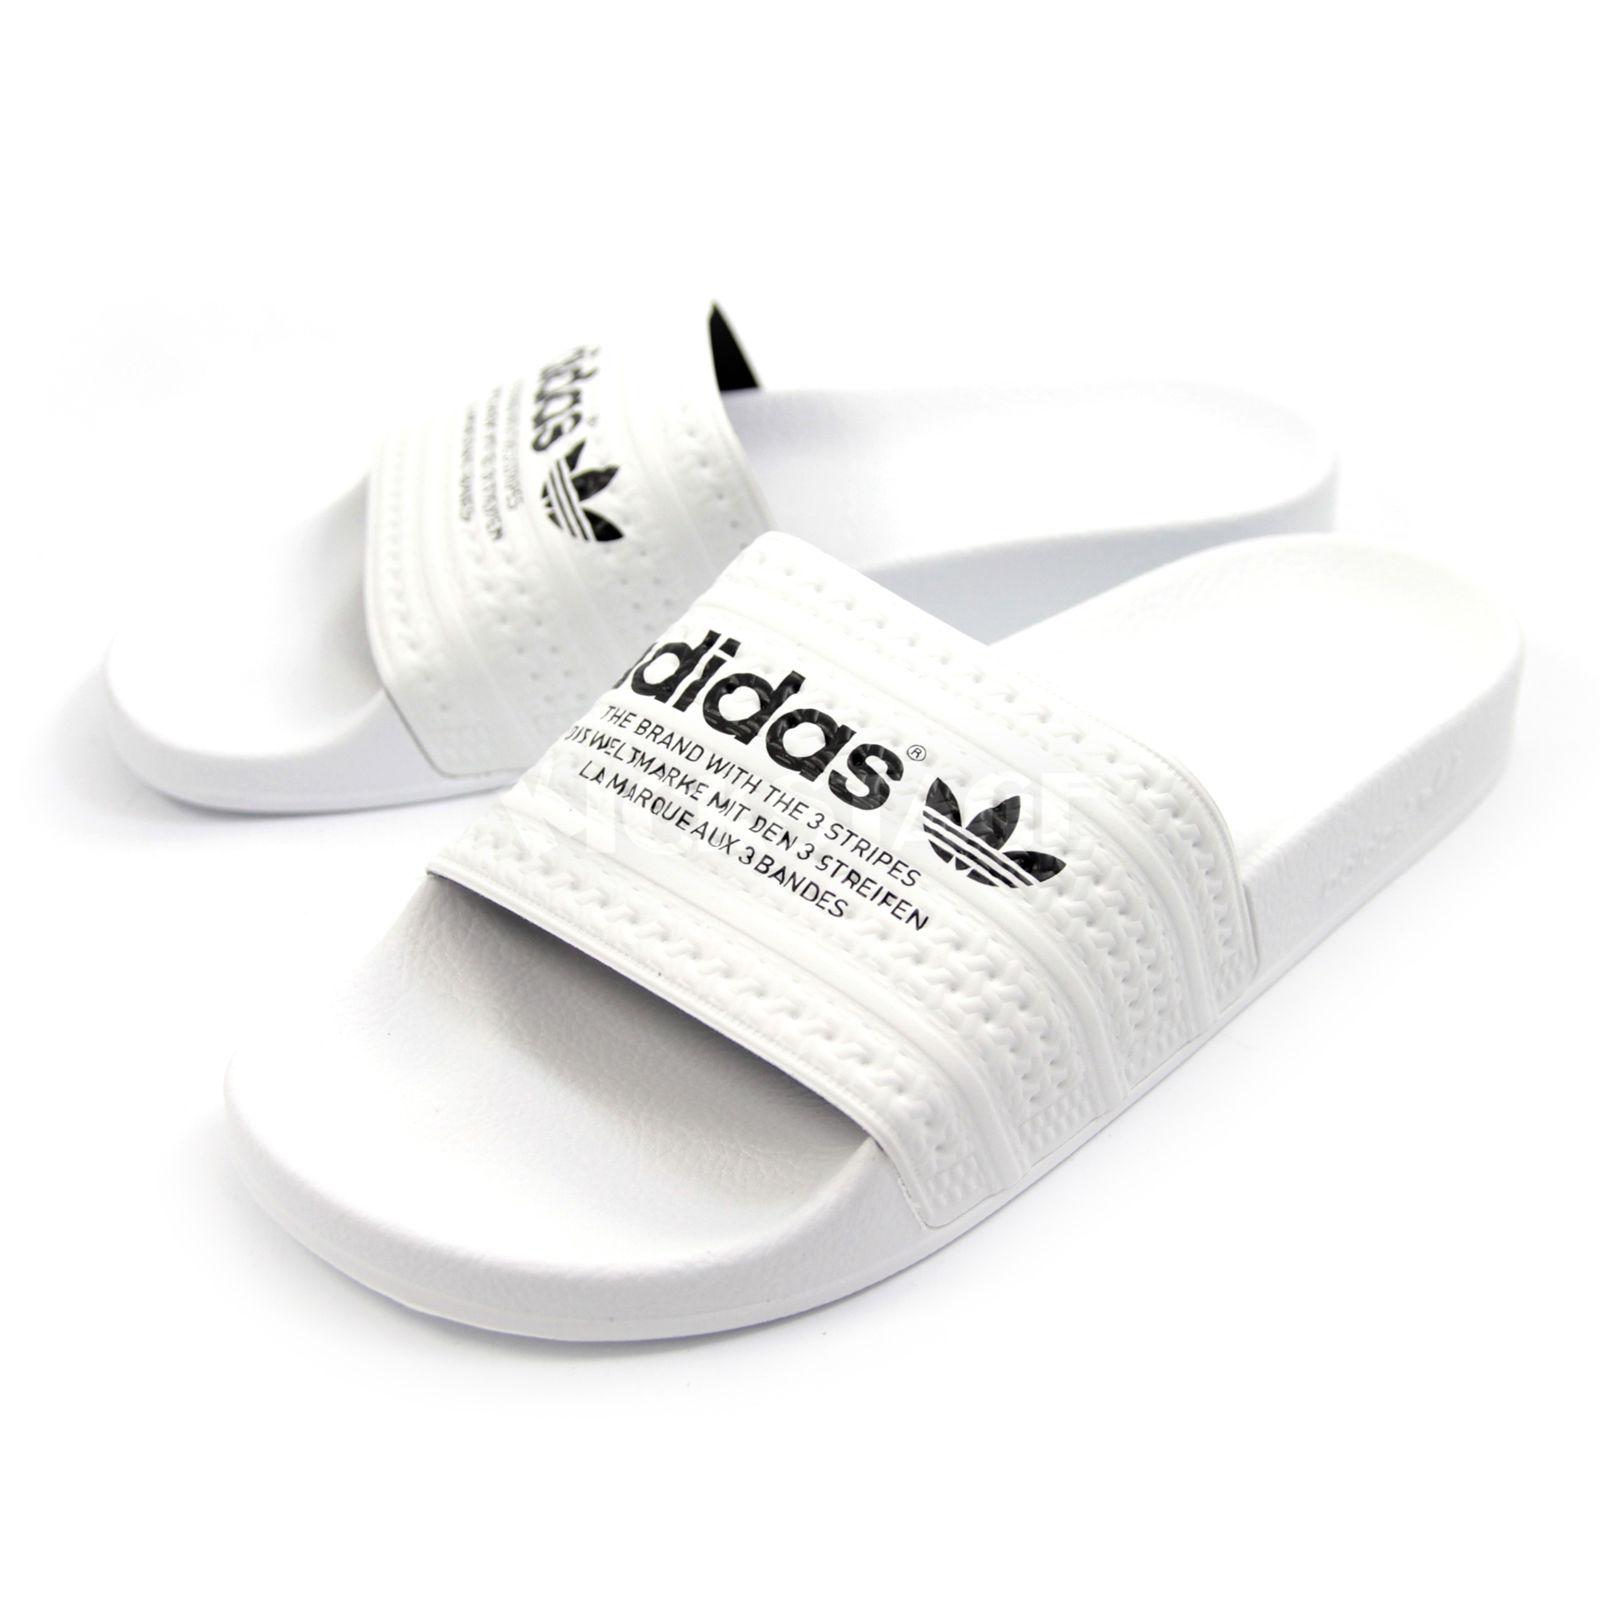 db54fecc2e5f8 white Adidas slides AOD1944  AOD1944  -  61.76   Adidas Shoes Outlet ...